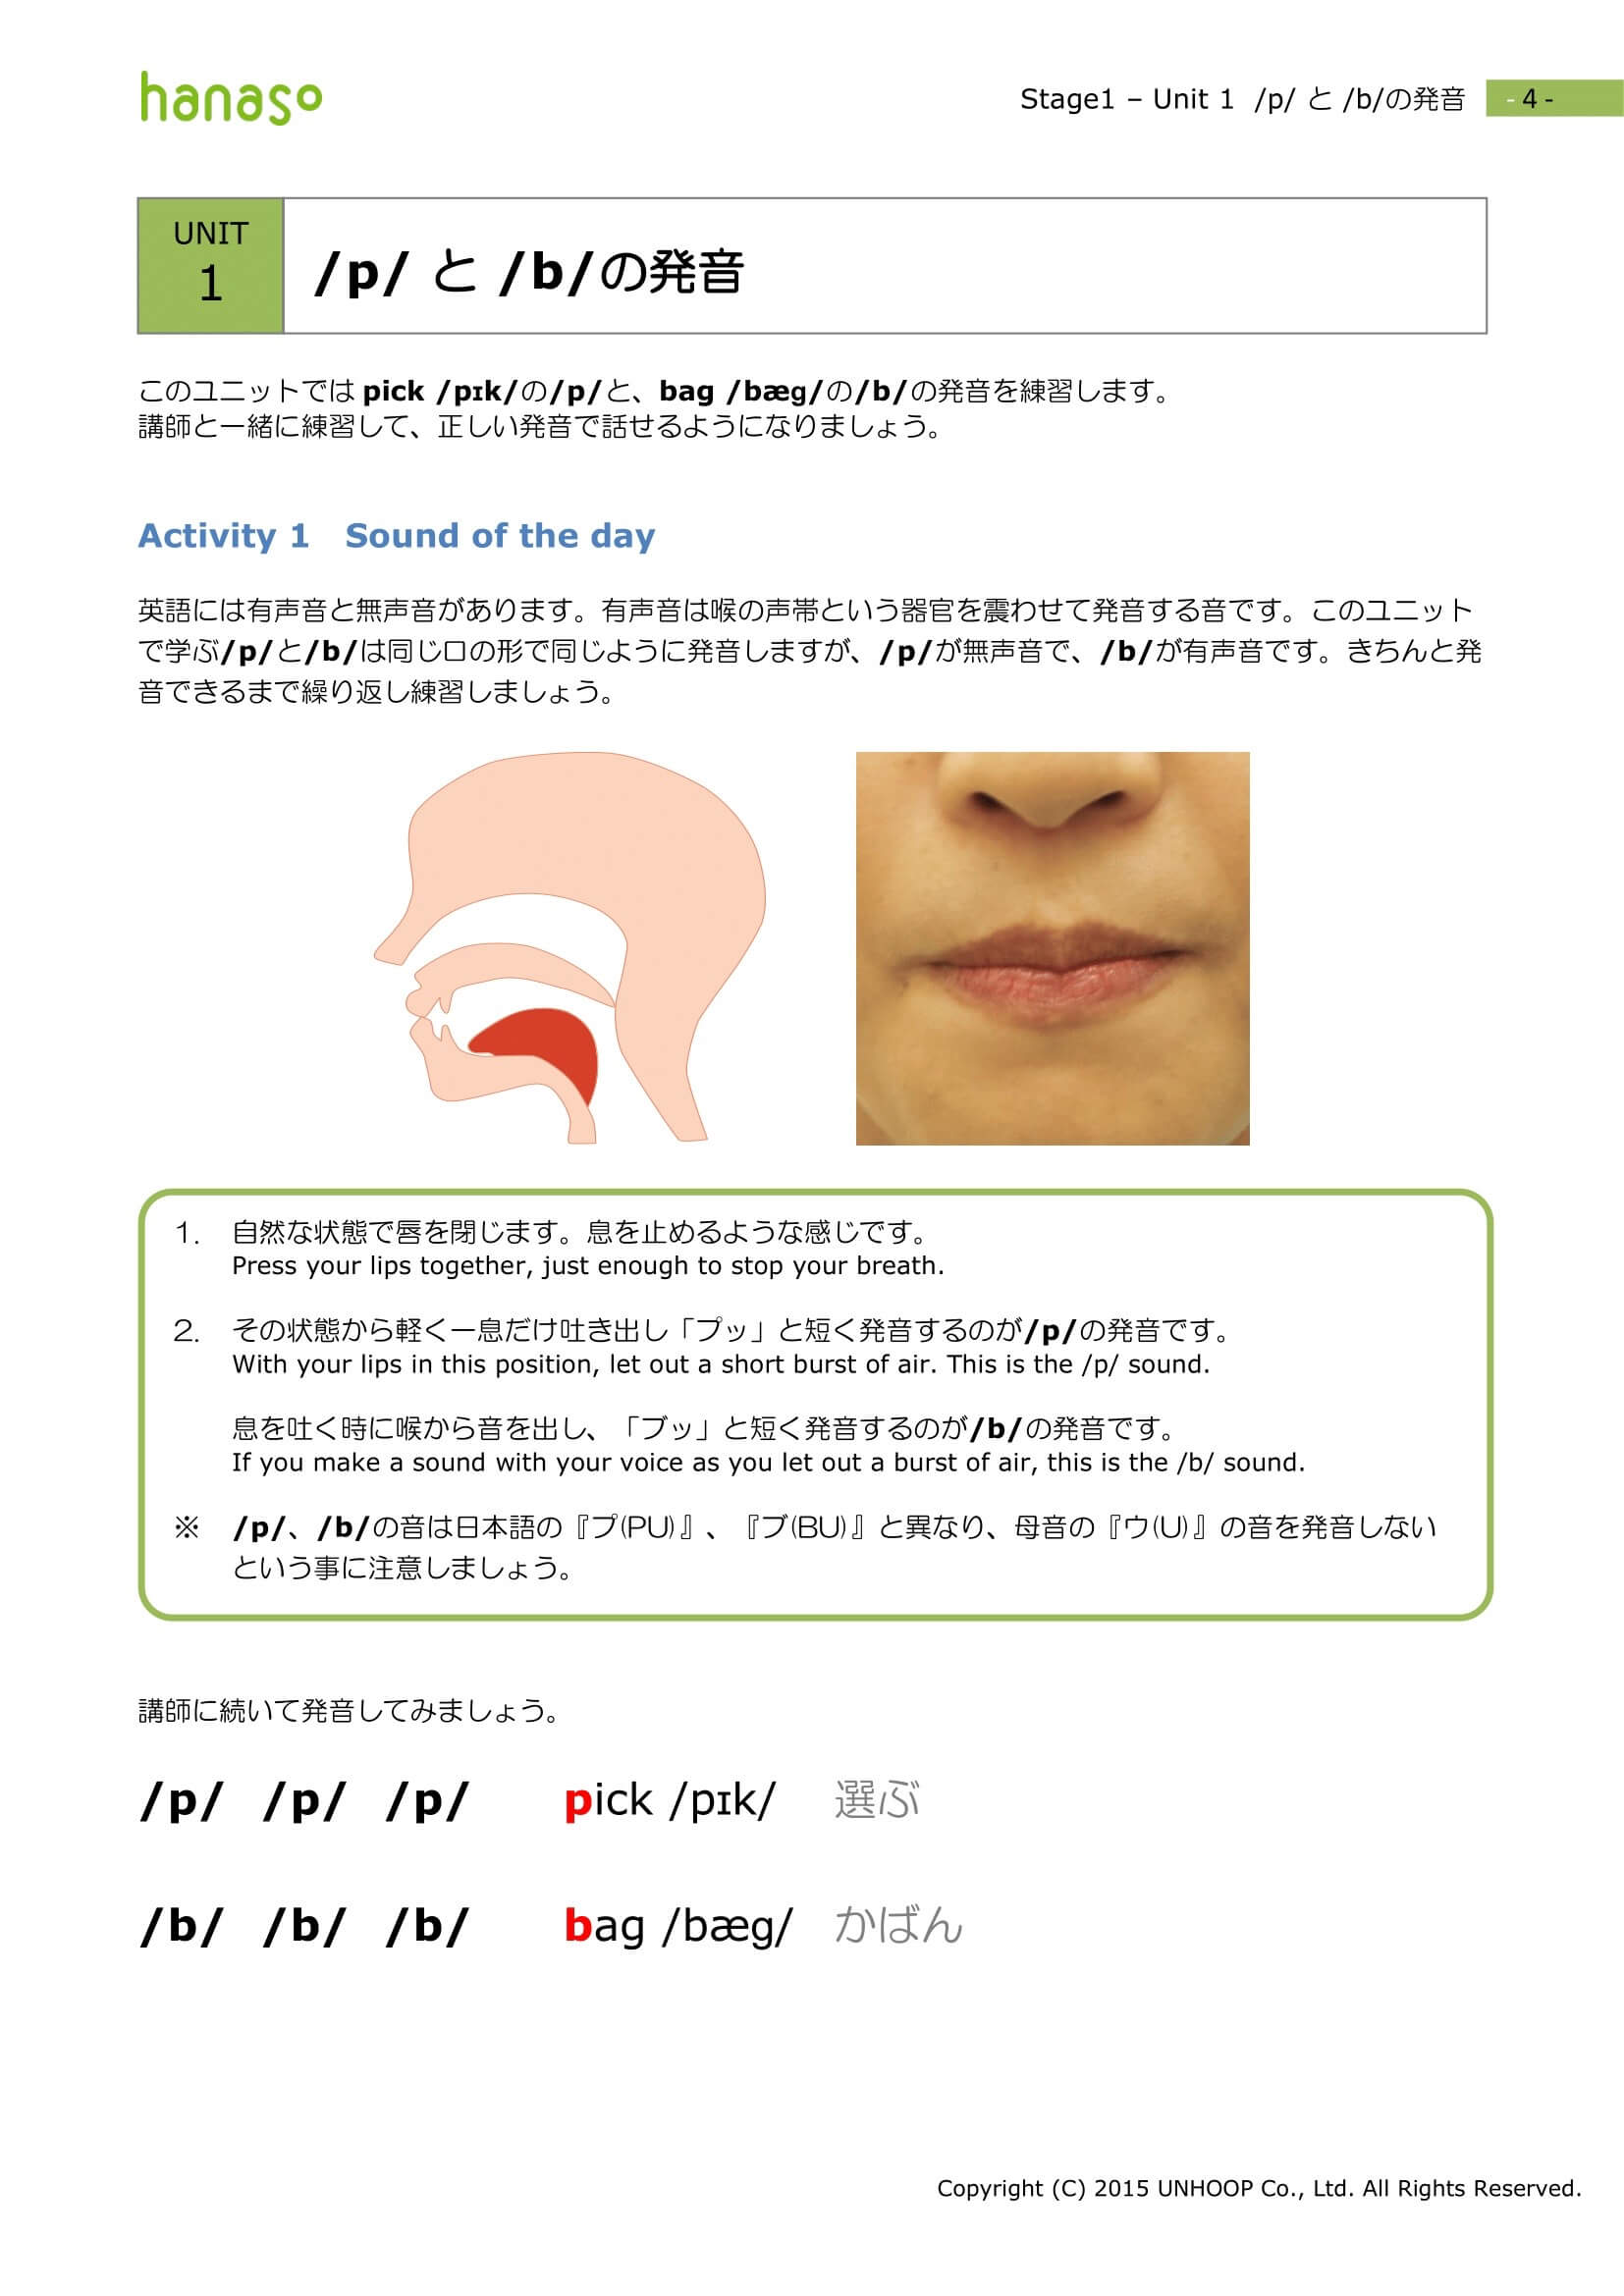 hanaso英会話の発音コースの画像3